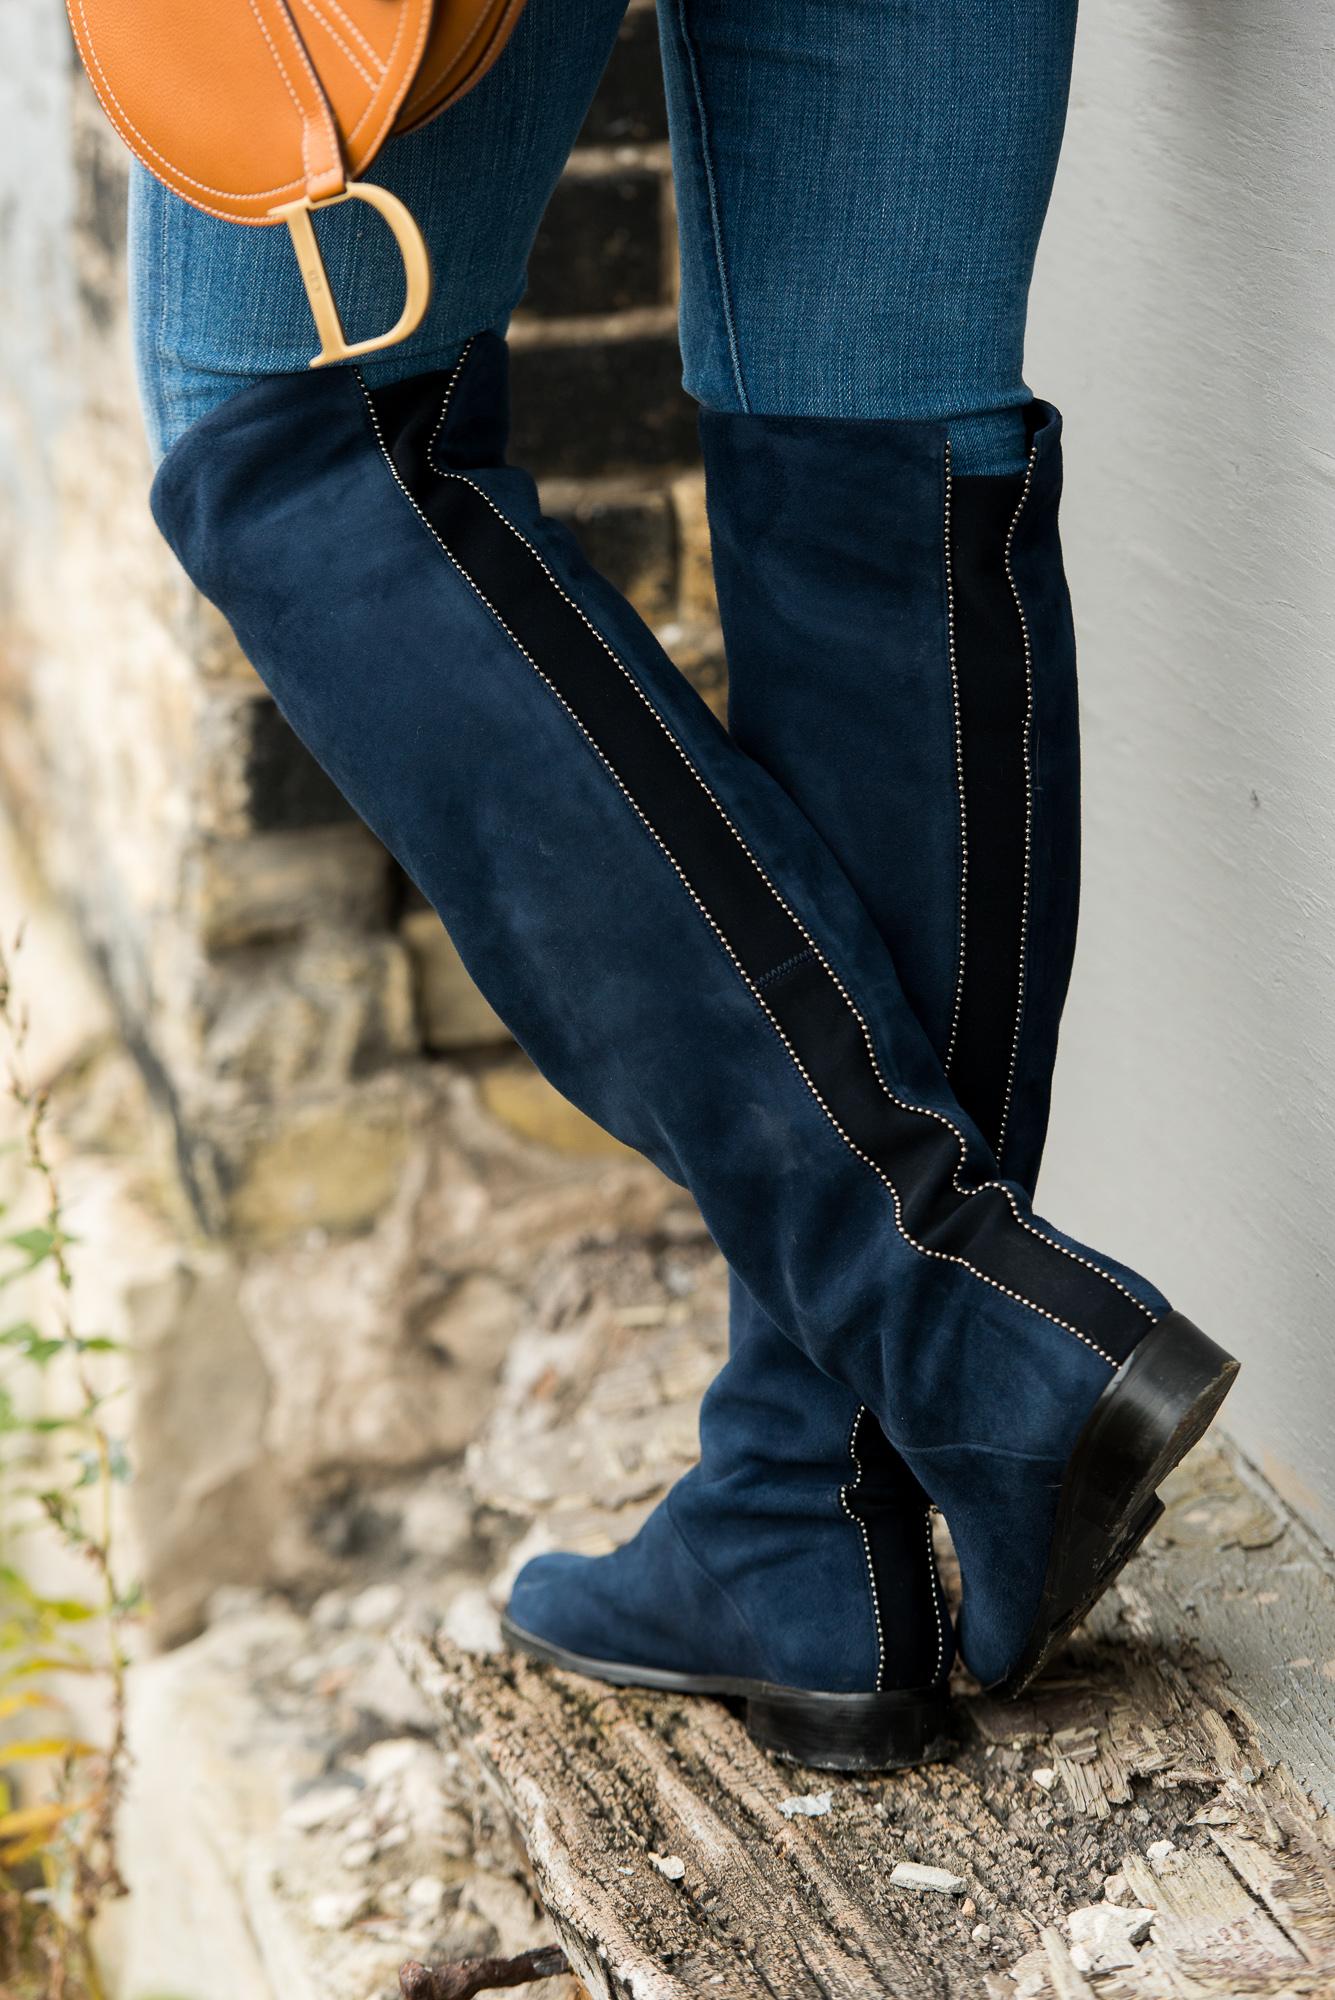 BonjourBlue- Navy Stuart Weitzman Boots